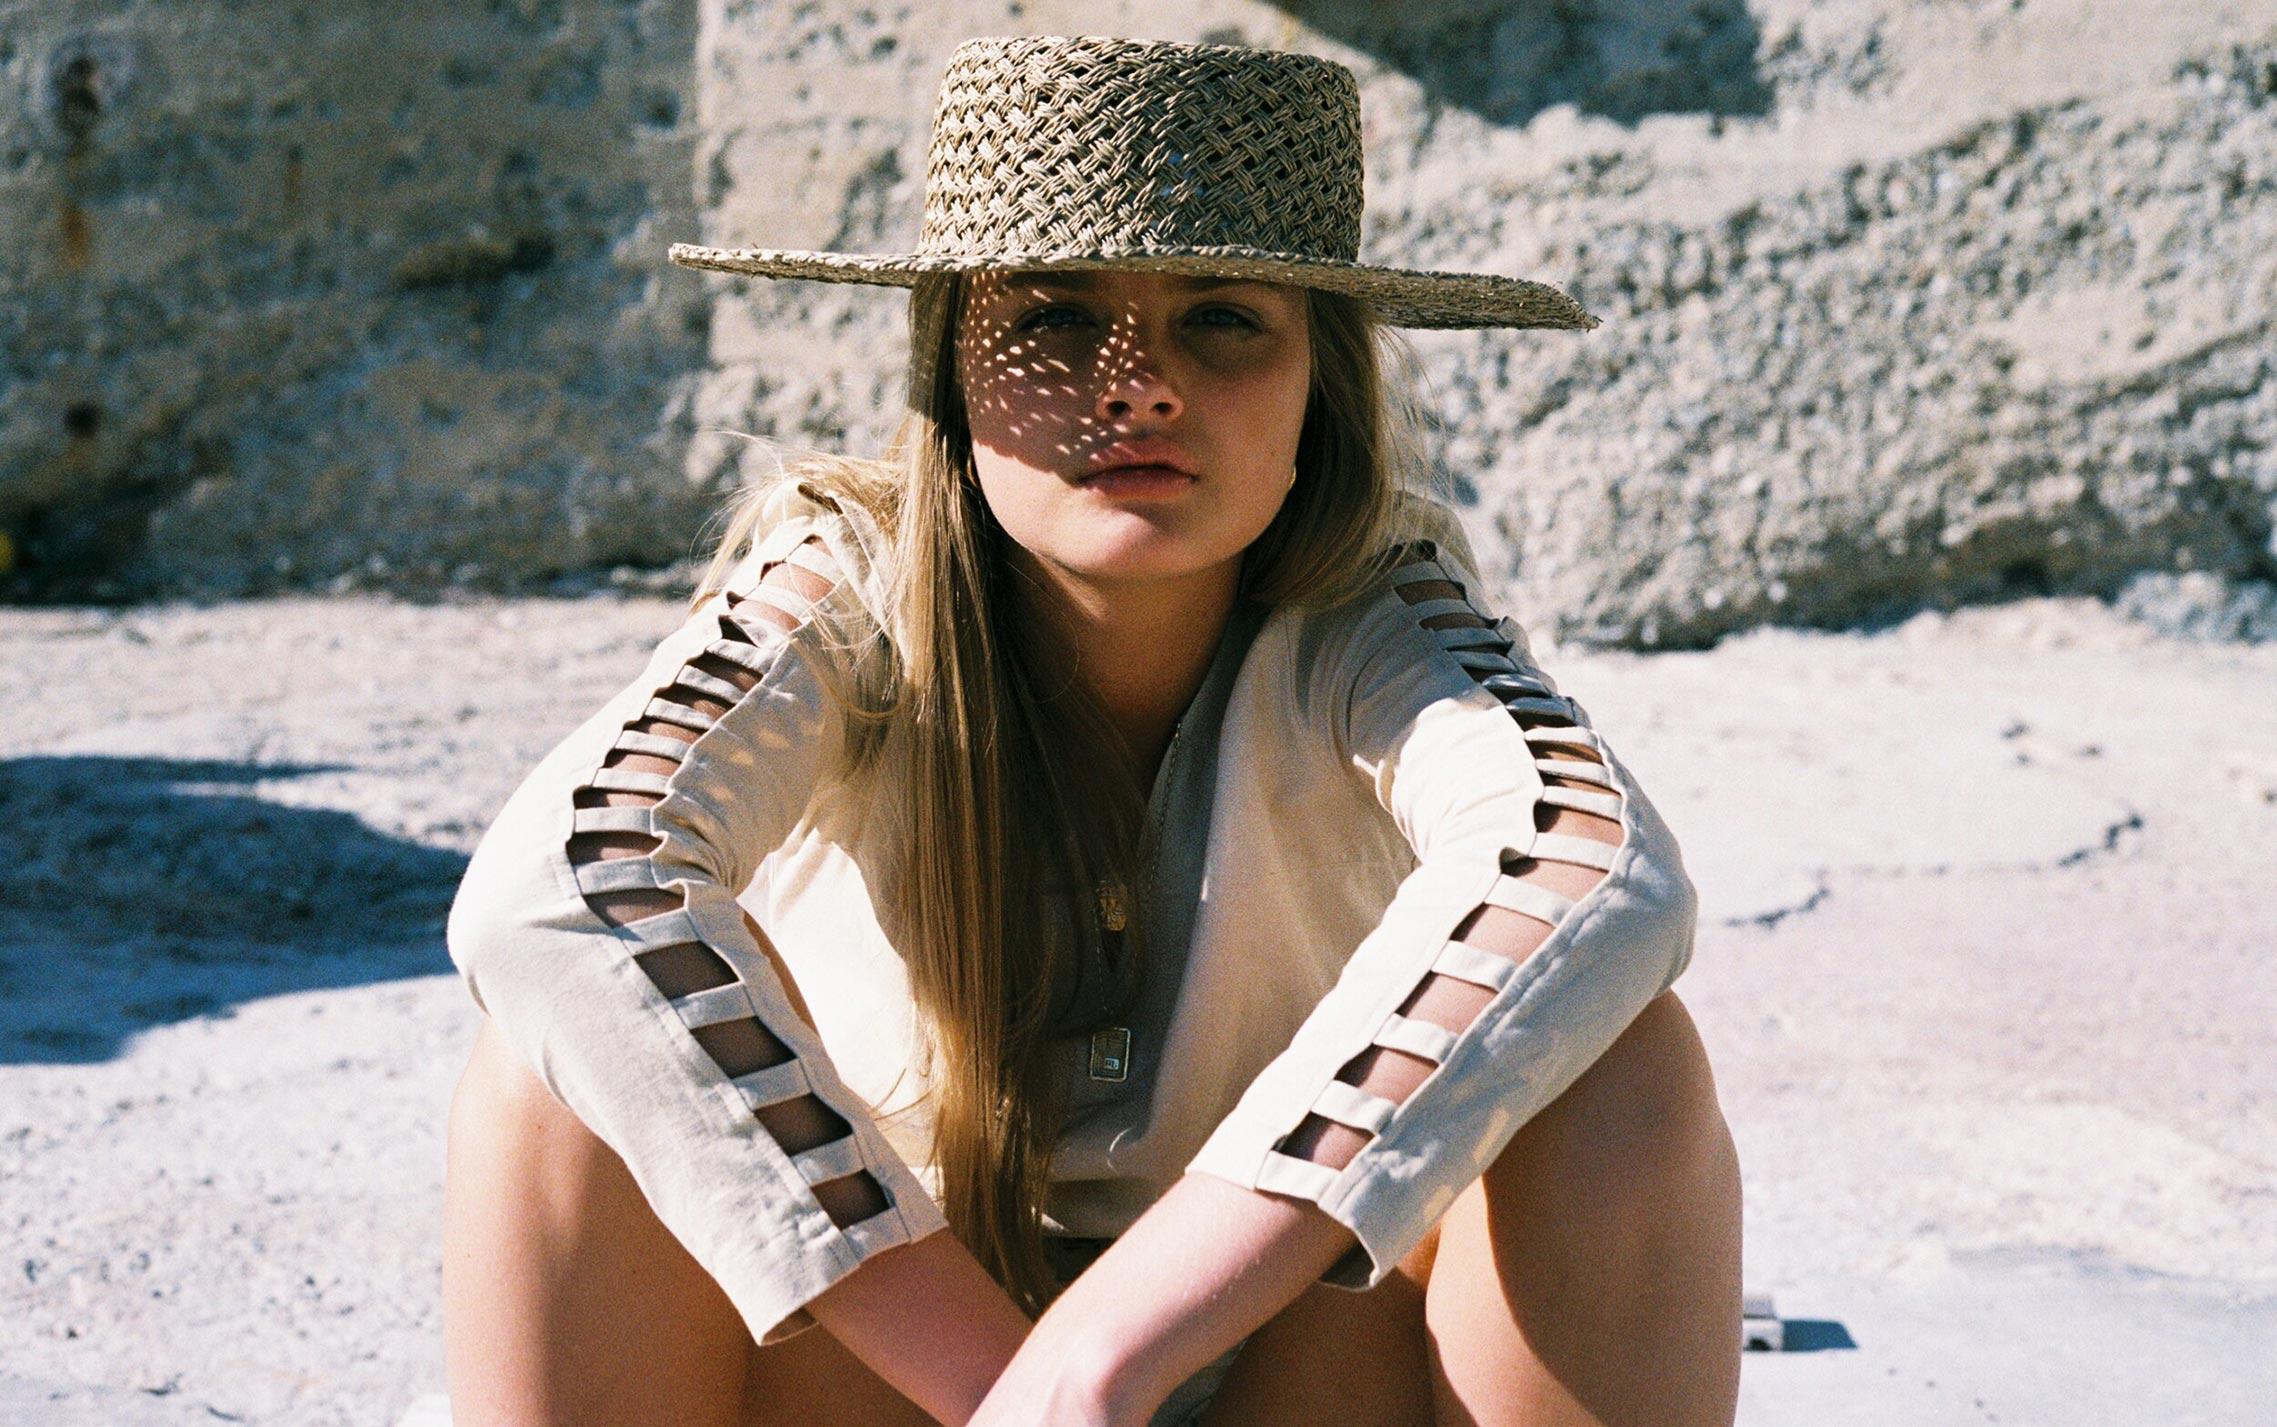 Бритни ван дер Стин в пляжной одежде модного бренда Rada Bryant, весна-лето 2020 / фото 01